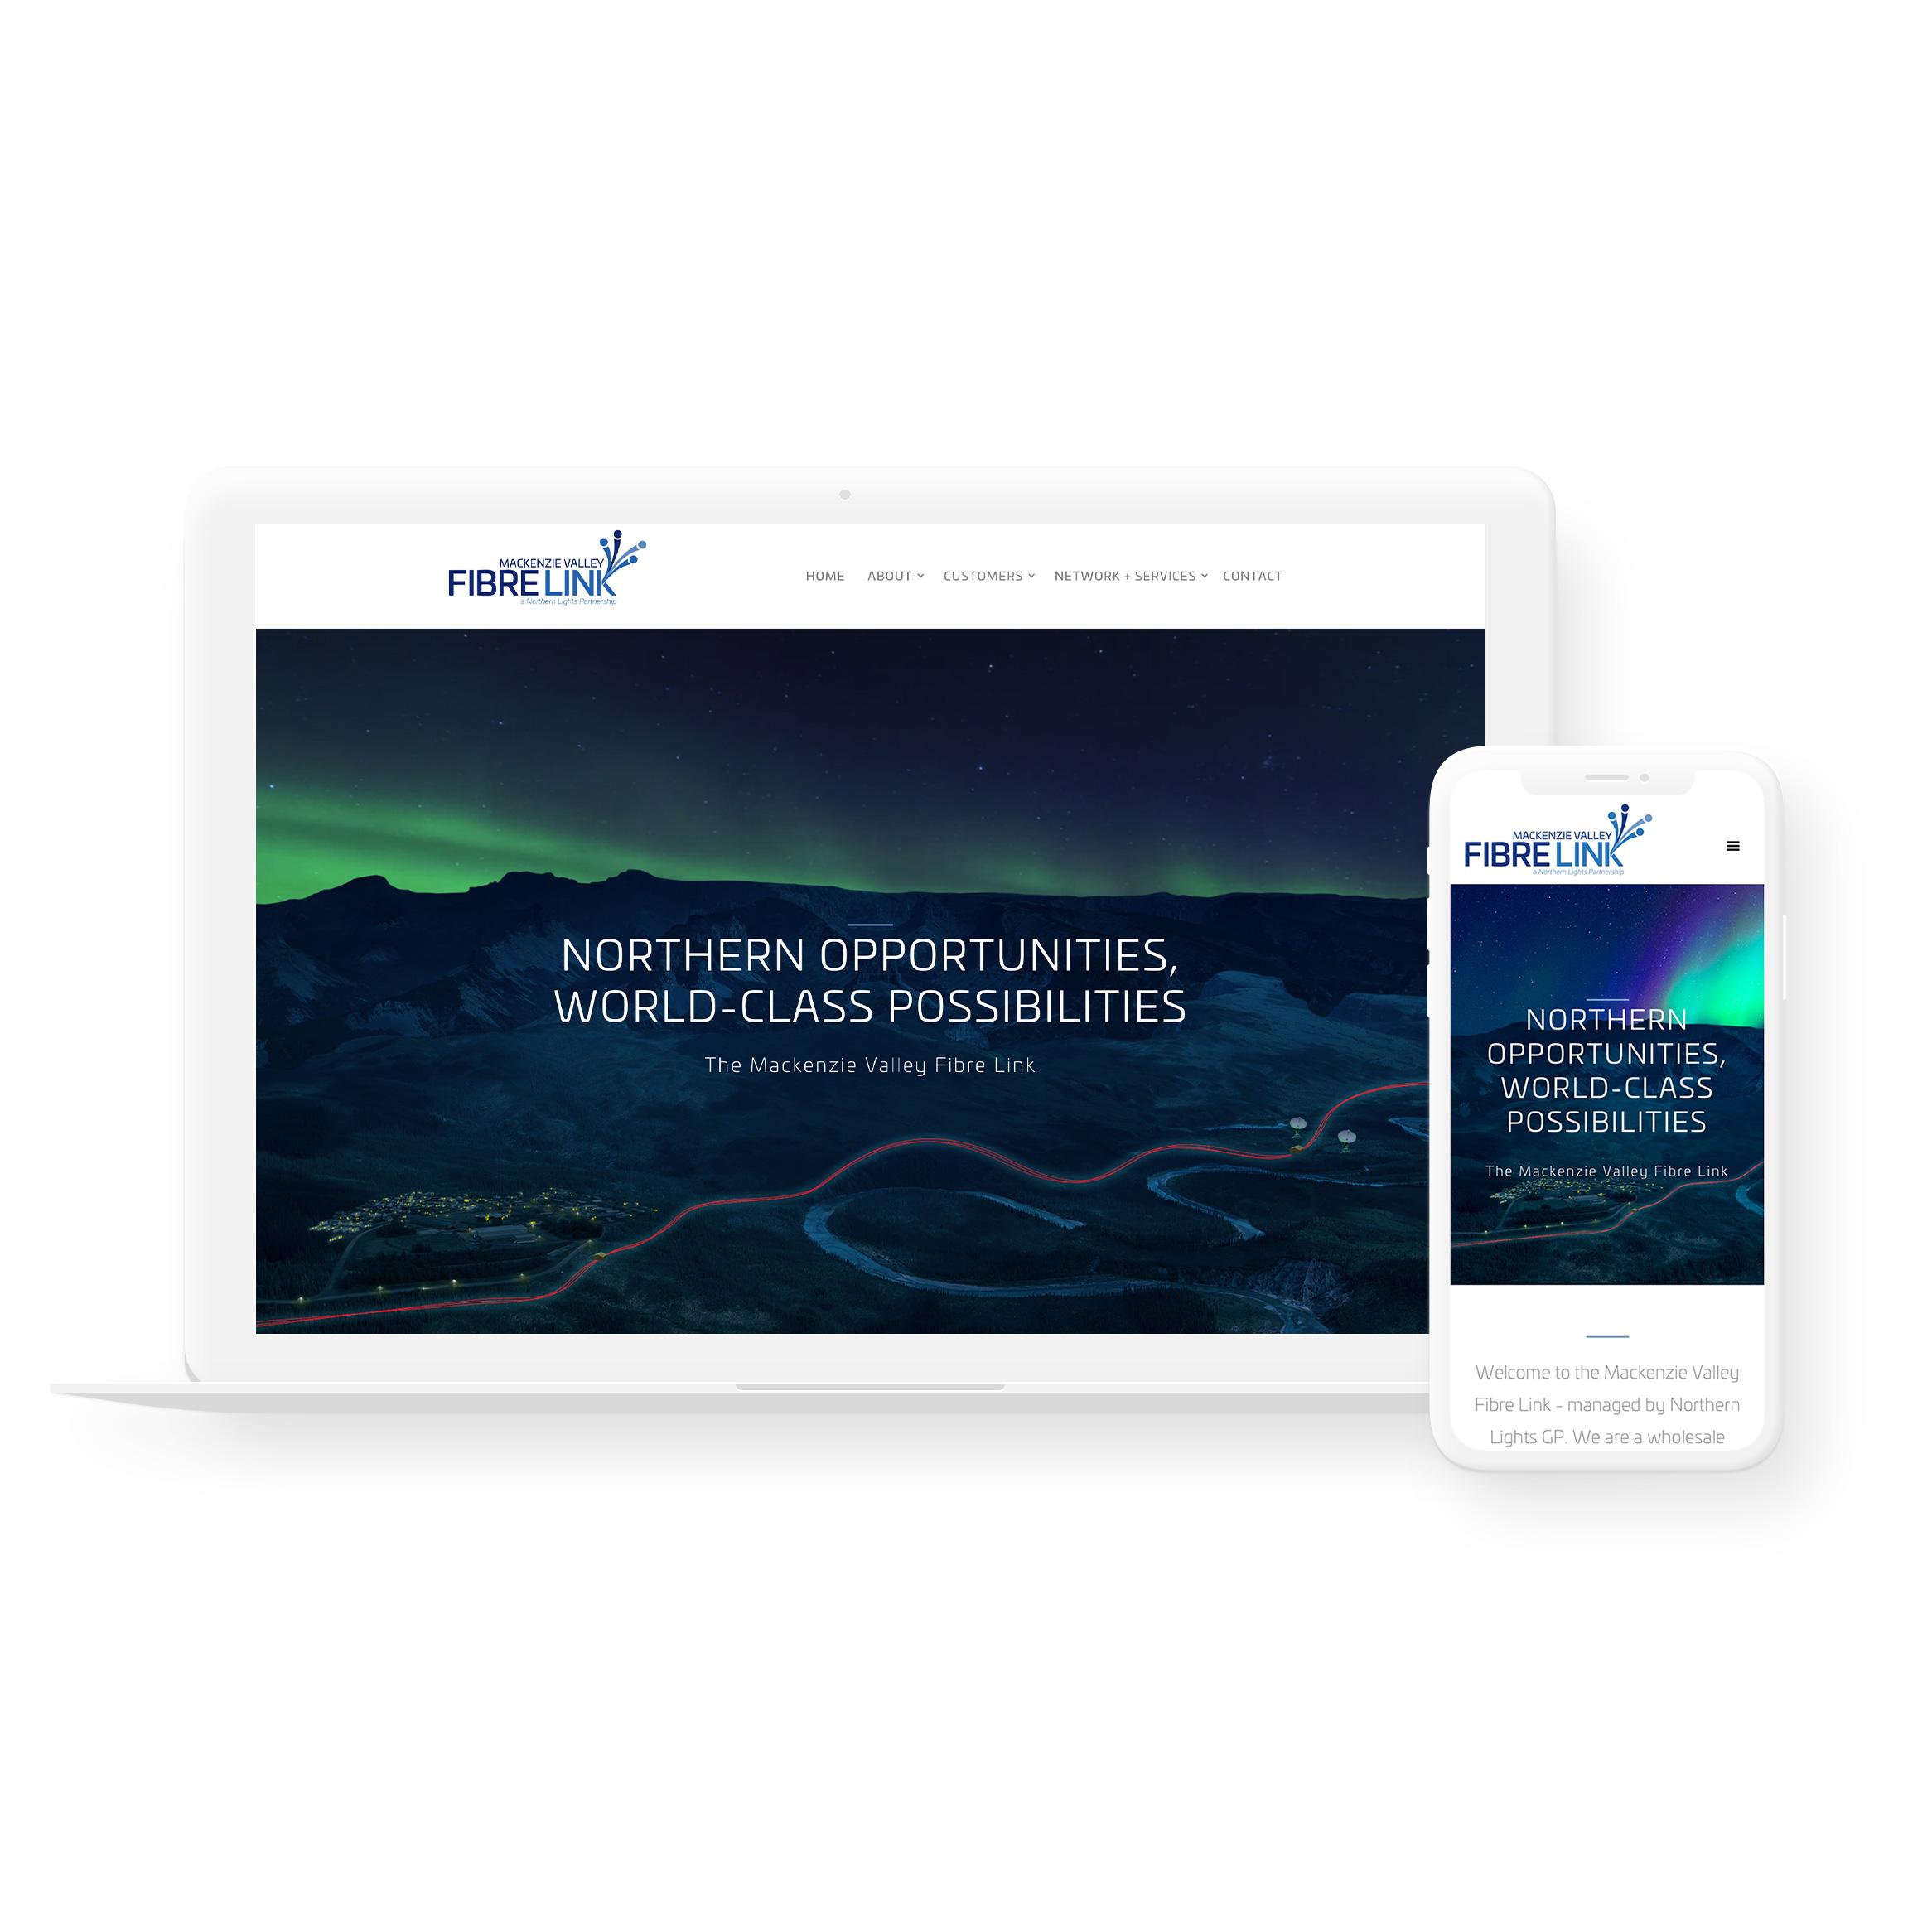 Sample image of website design showing desktop and mobile versions for Mackenzie Valley Fibre Link